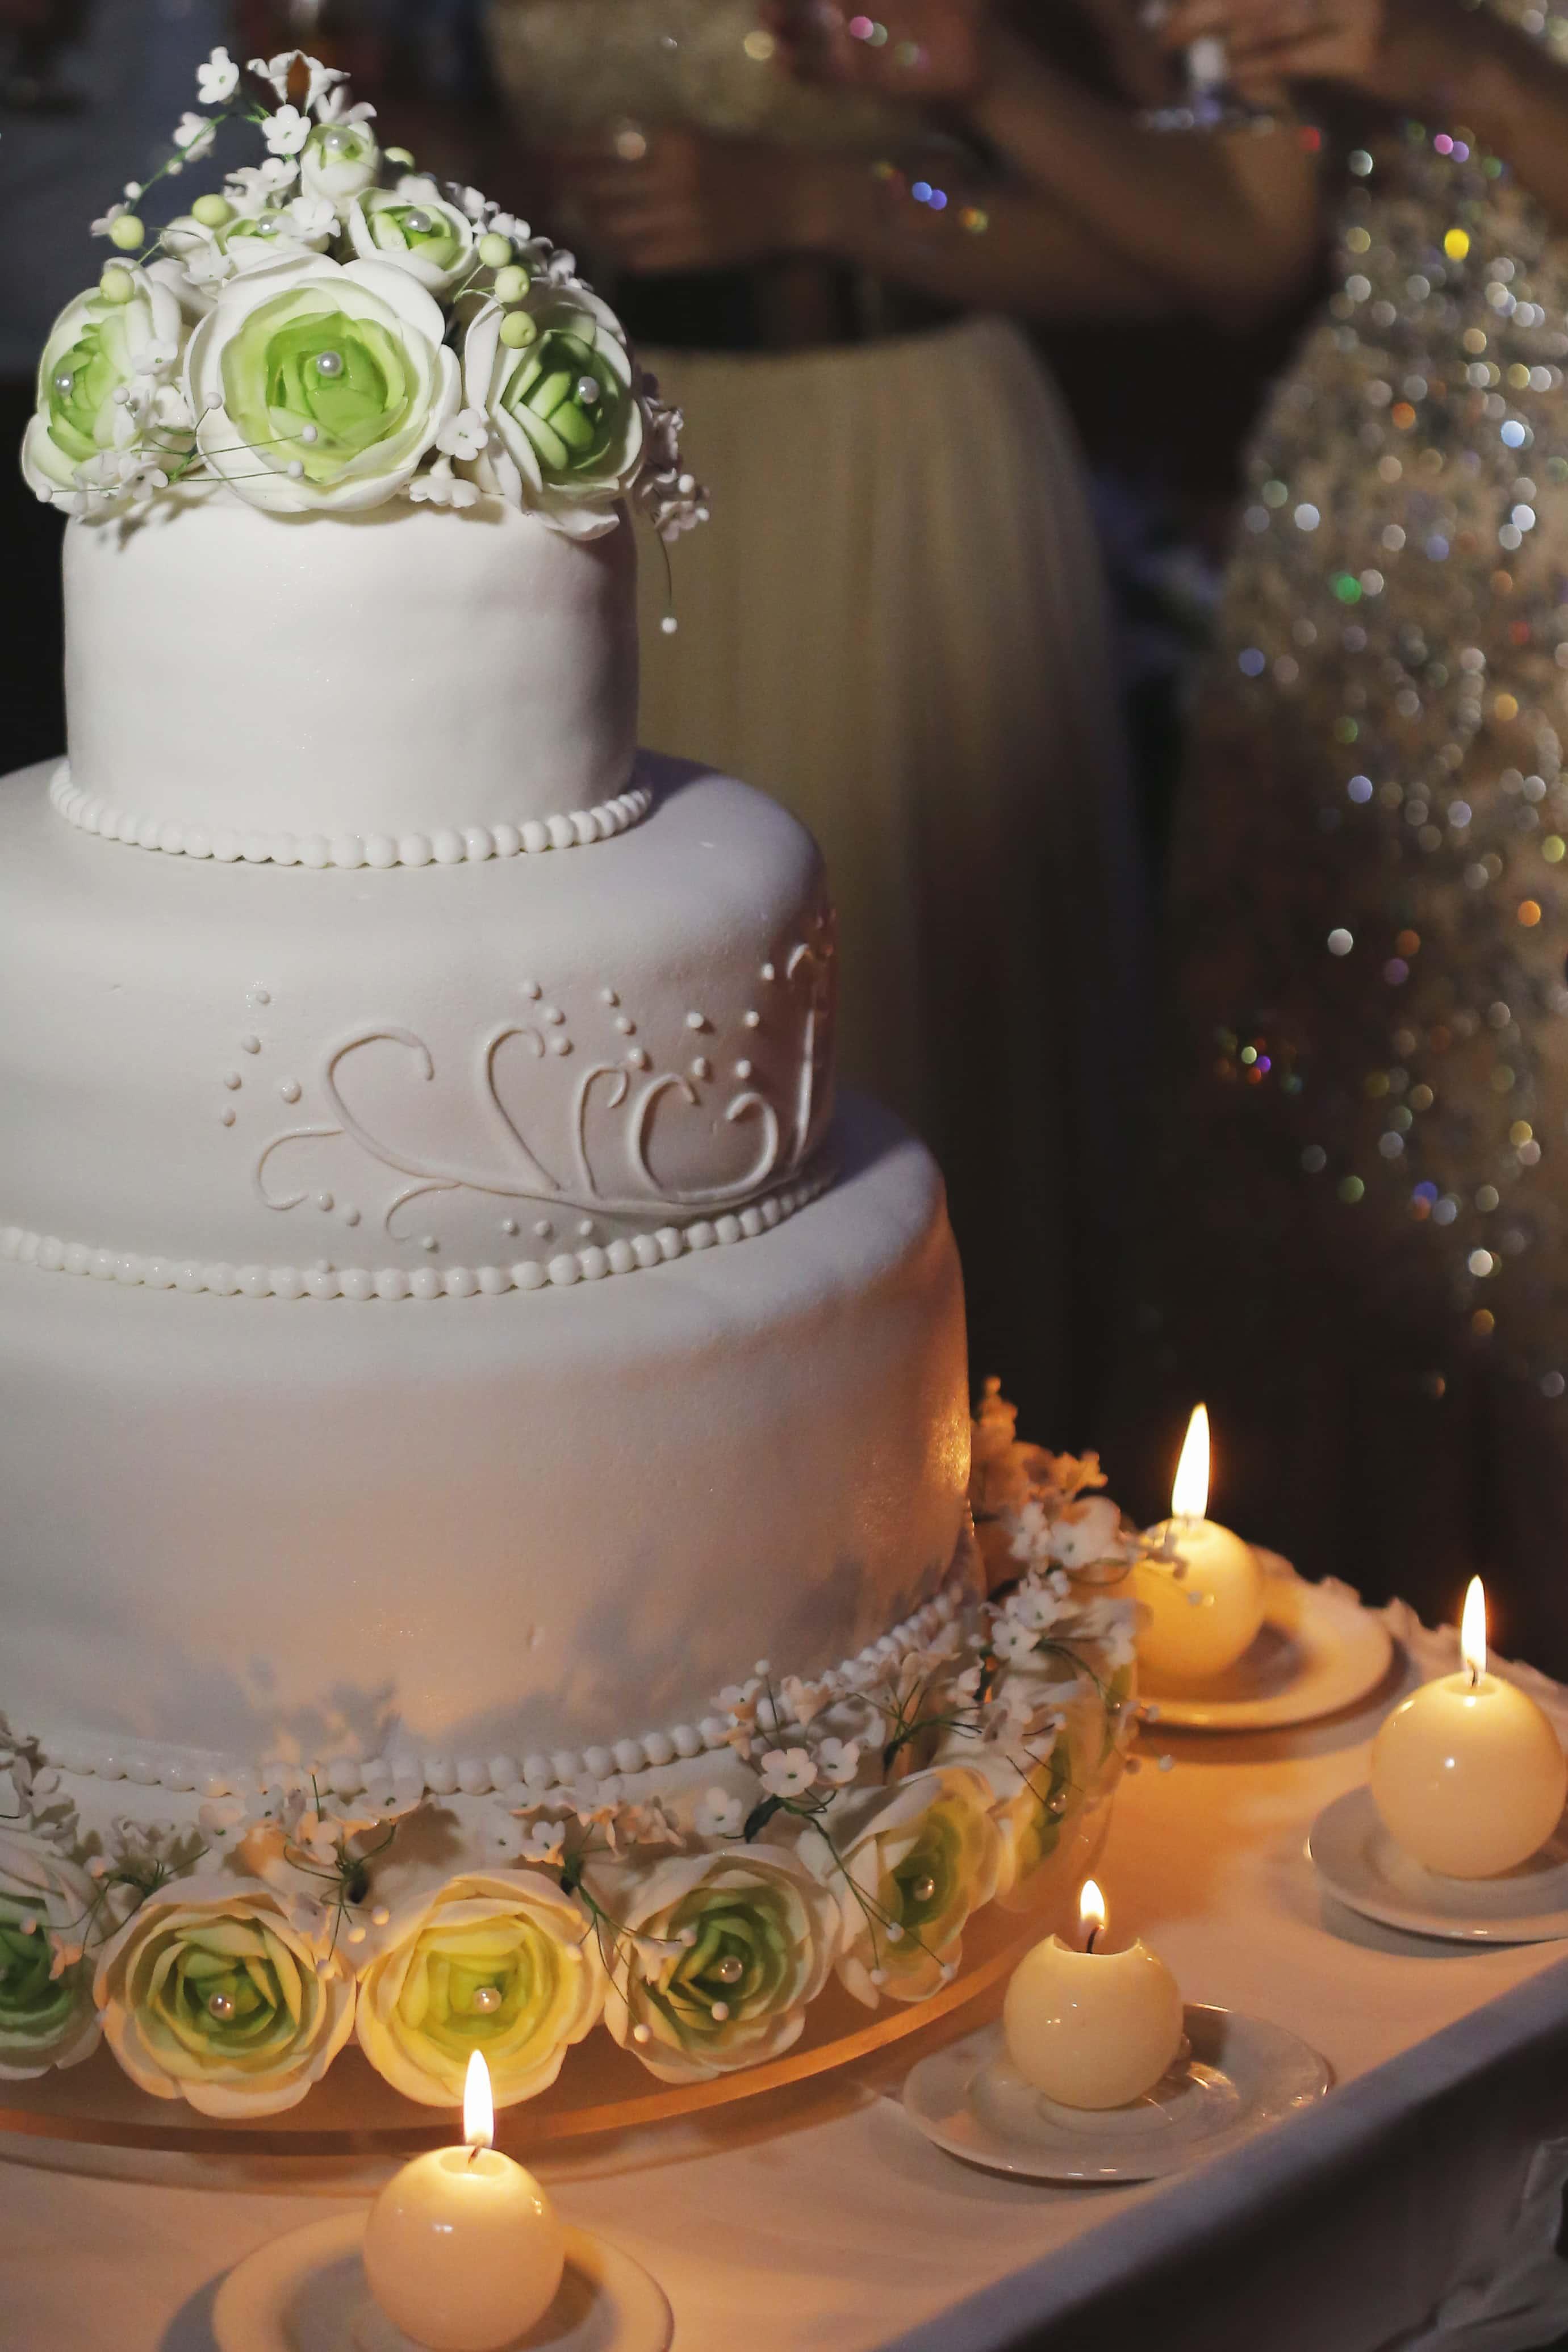 Imagem Gratuita Luz De Velas Velas Cerimonia Evento Bolo De Casamento Vela Casamento Celebracao Elegante Design De Interiores